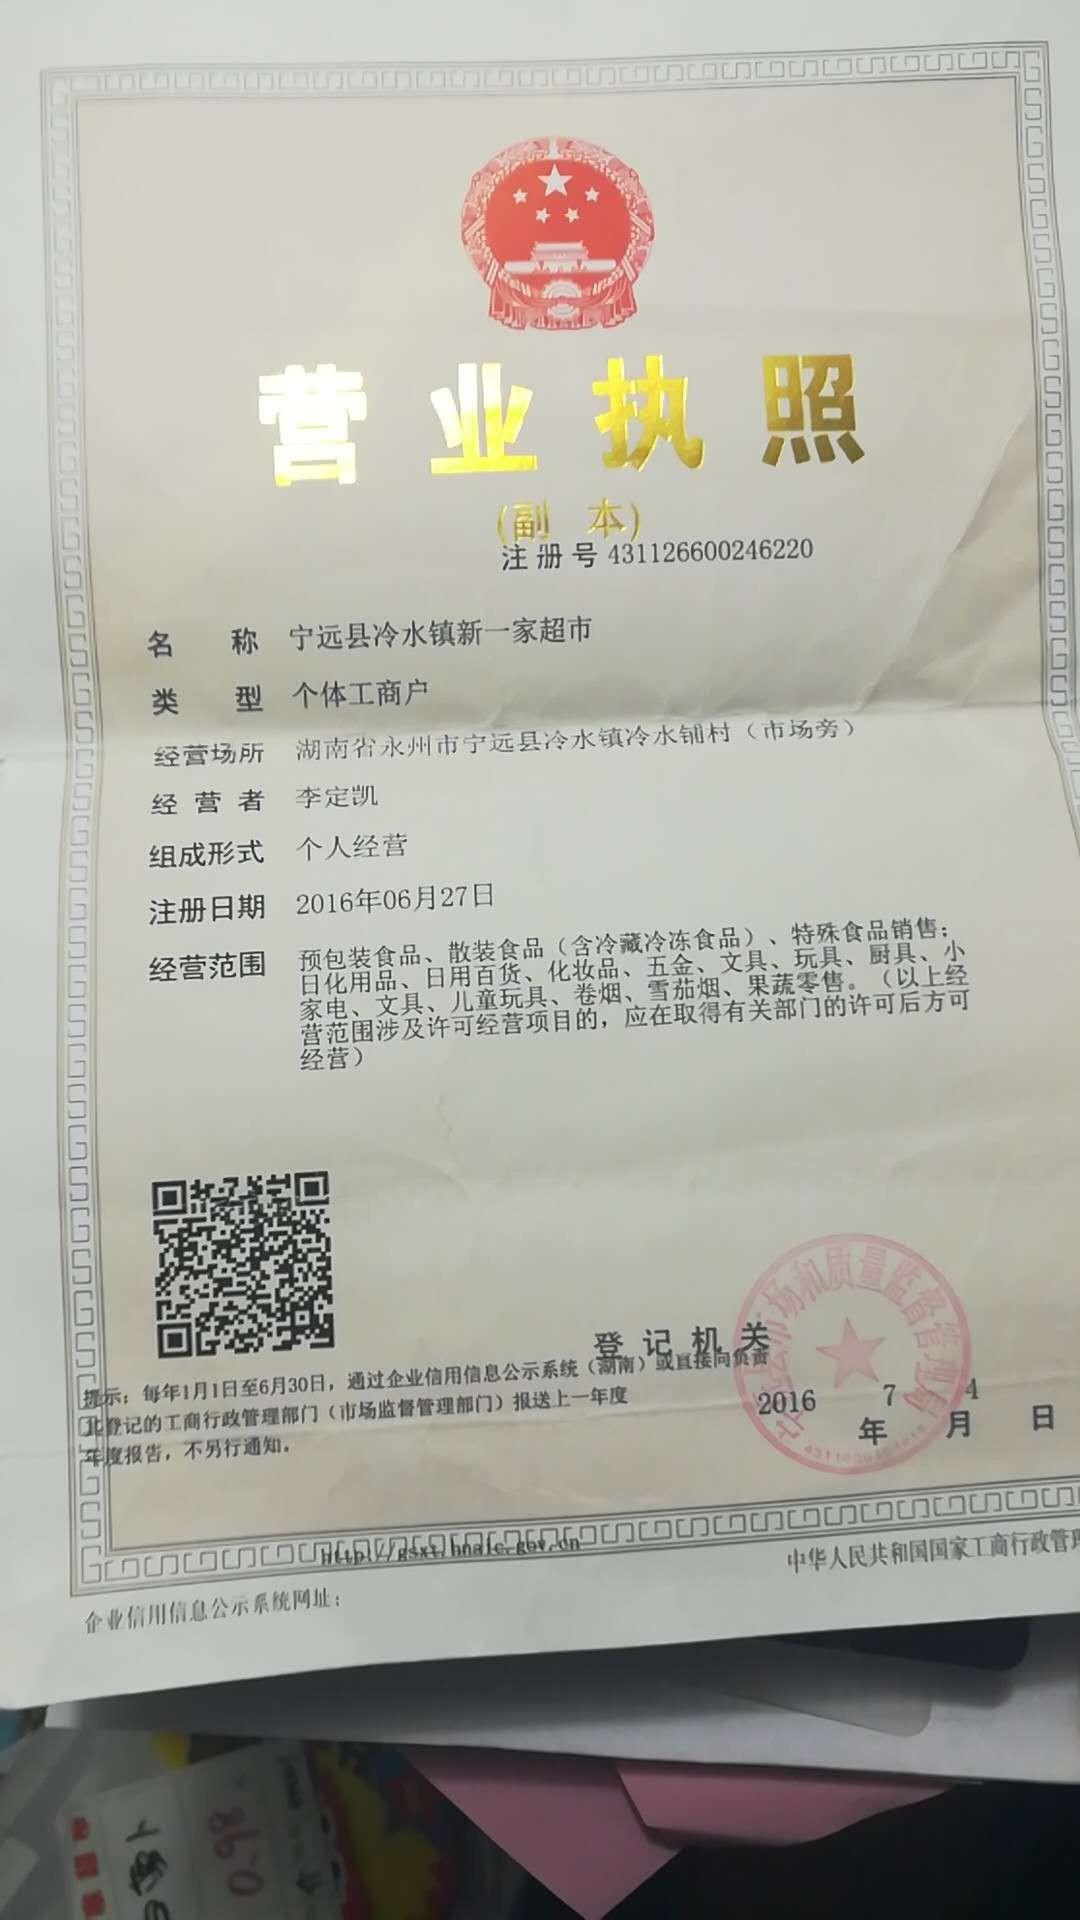 宁远县冷水镇新一家超市